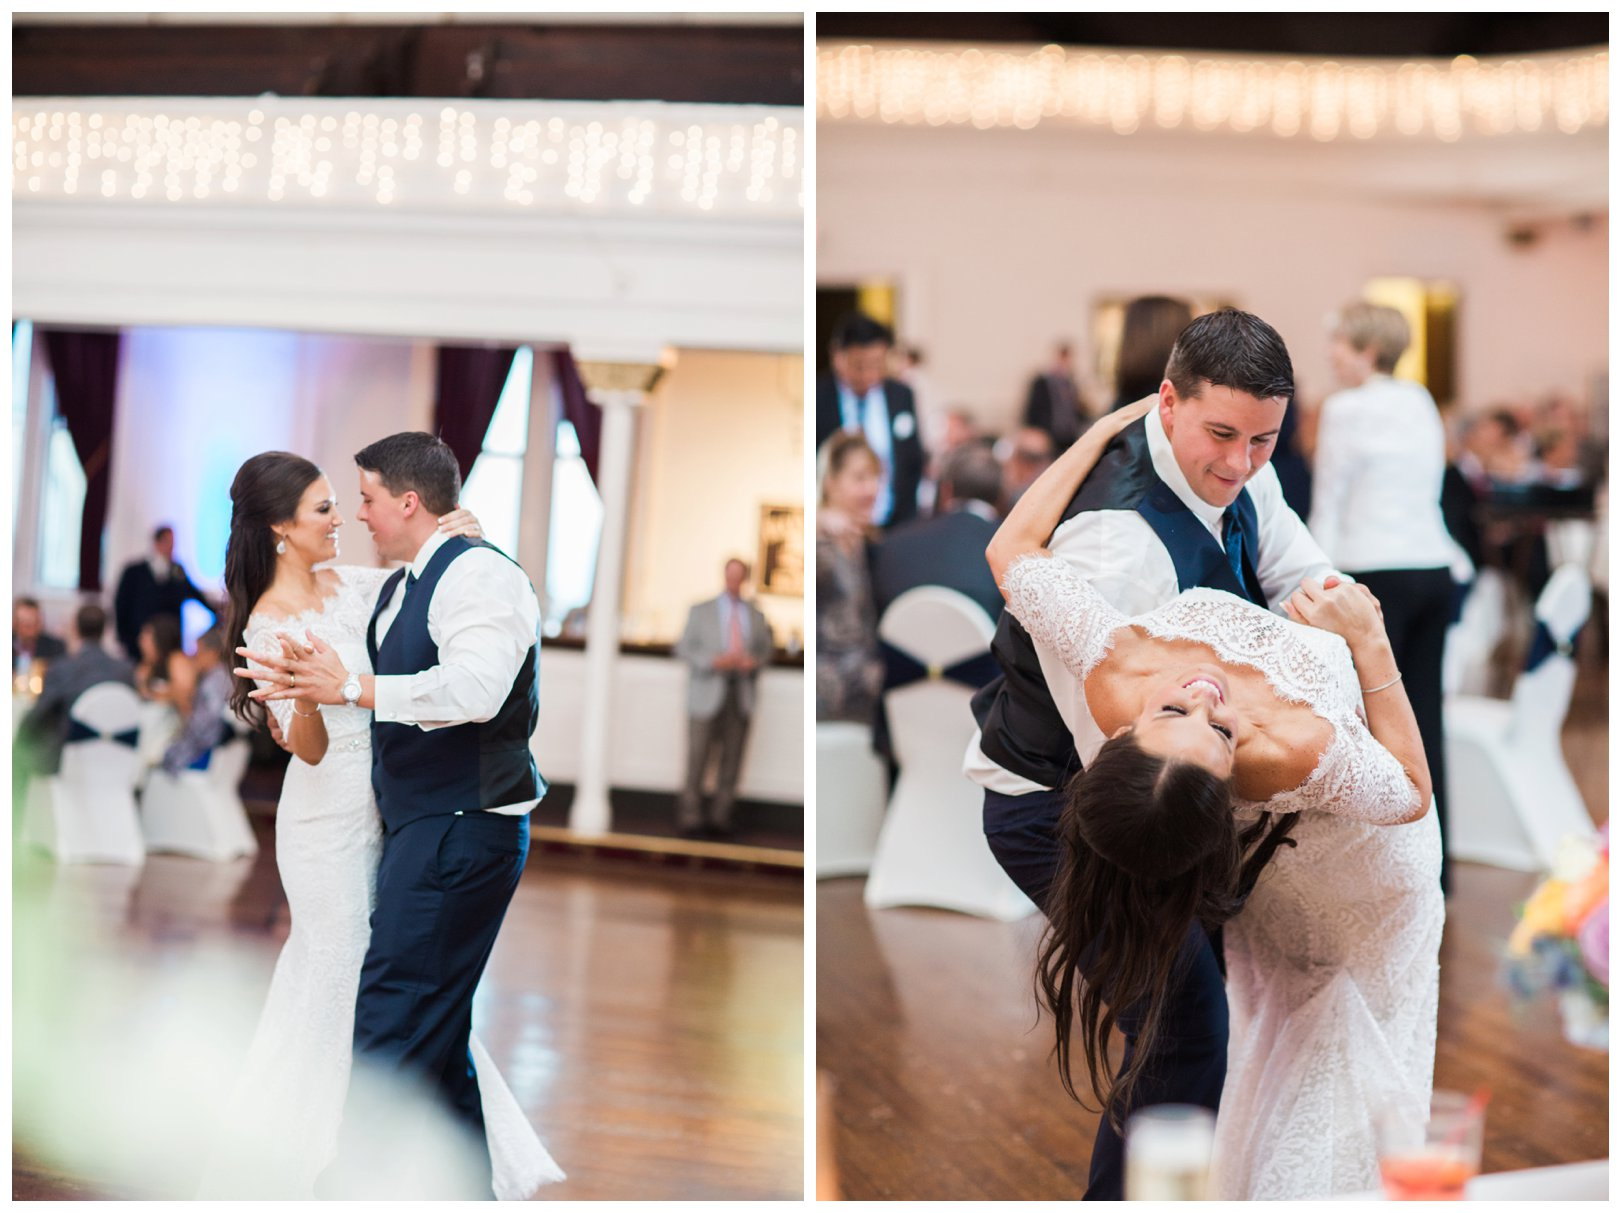 lauren muckler photography_fine art film wedding photography_st louis_photography_1279.jpg